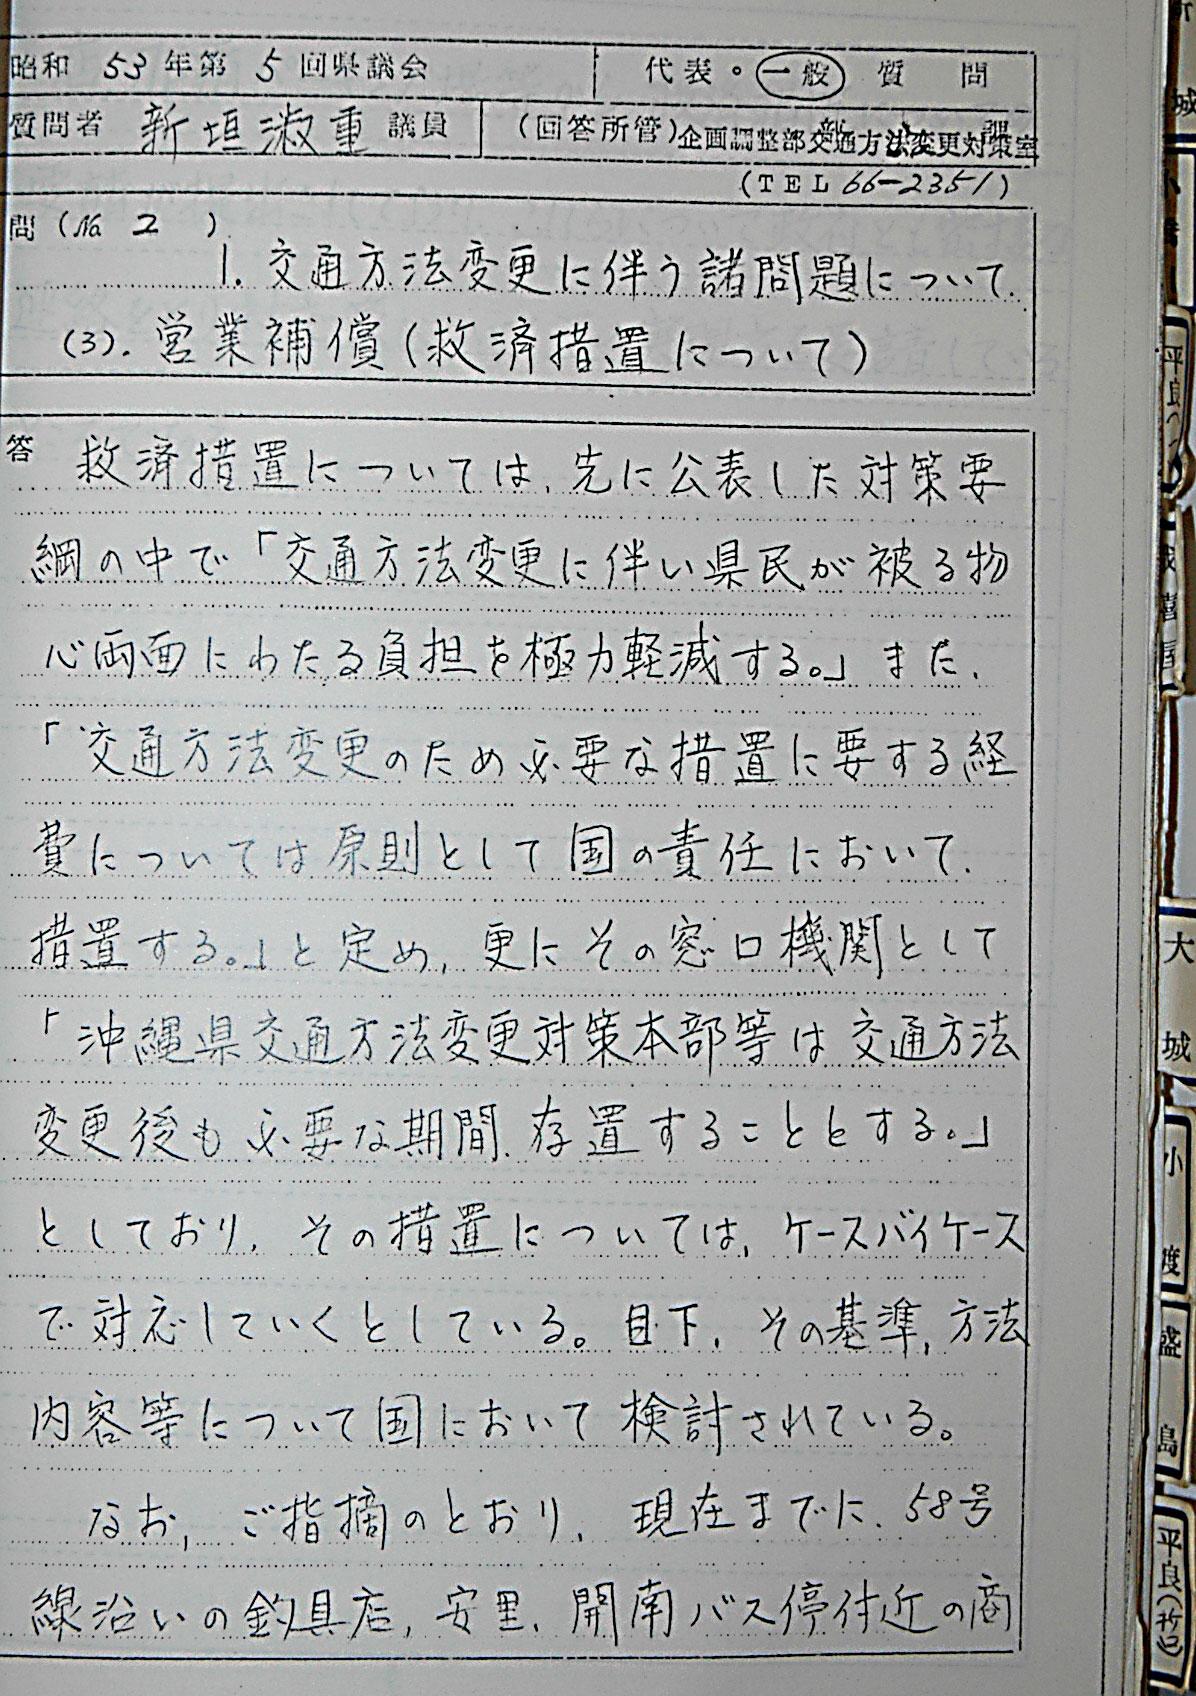 1978年7月30日 7・30(ななさんまる)交通方法変更 – 沖縄県公文書館